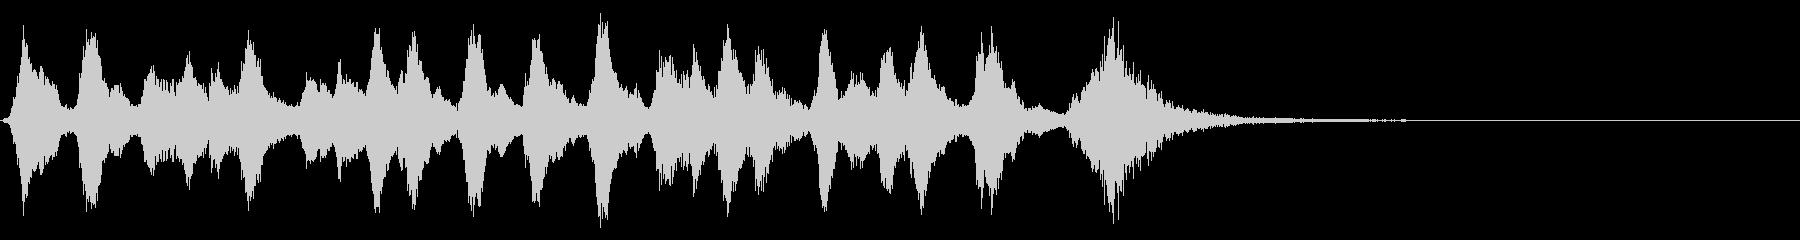 ジングル、弦、可憐、かわいいの未再生の波形